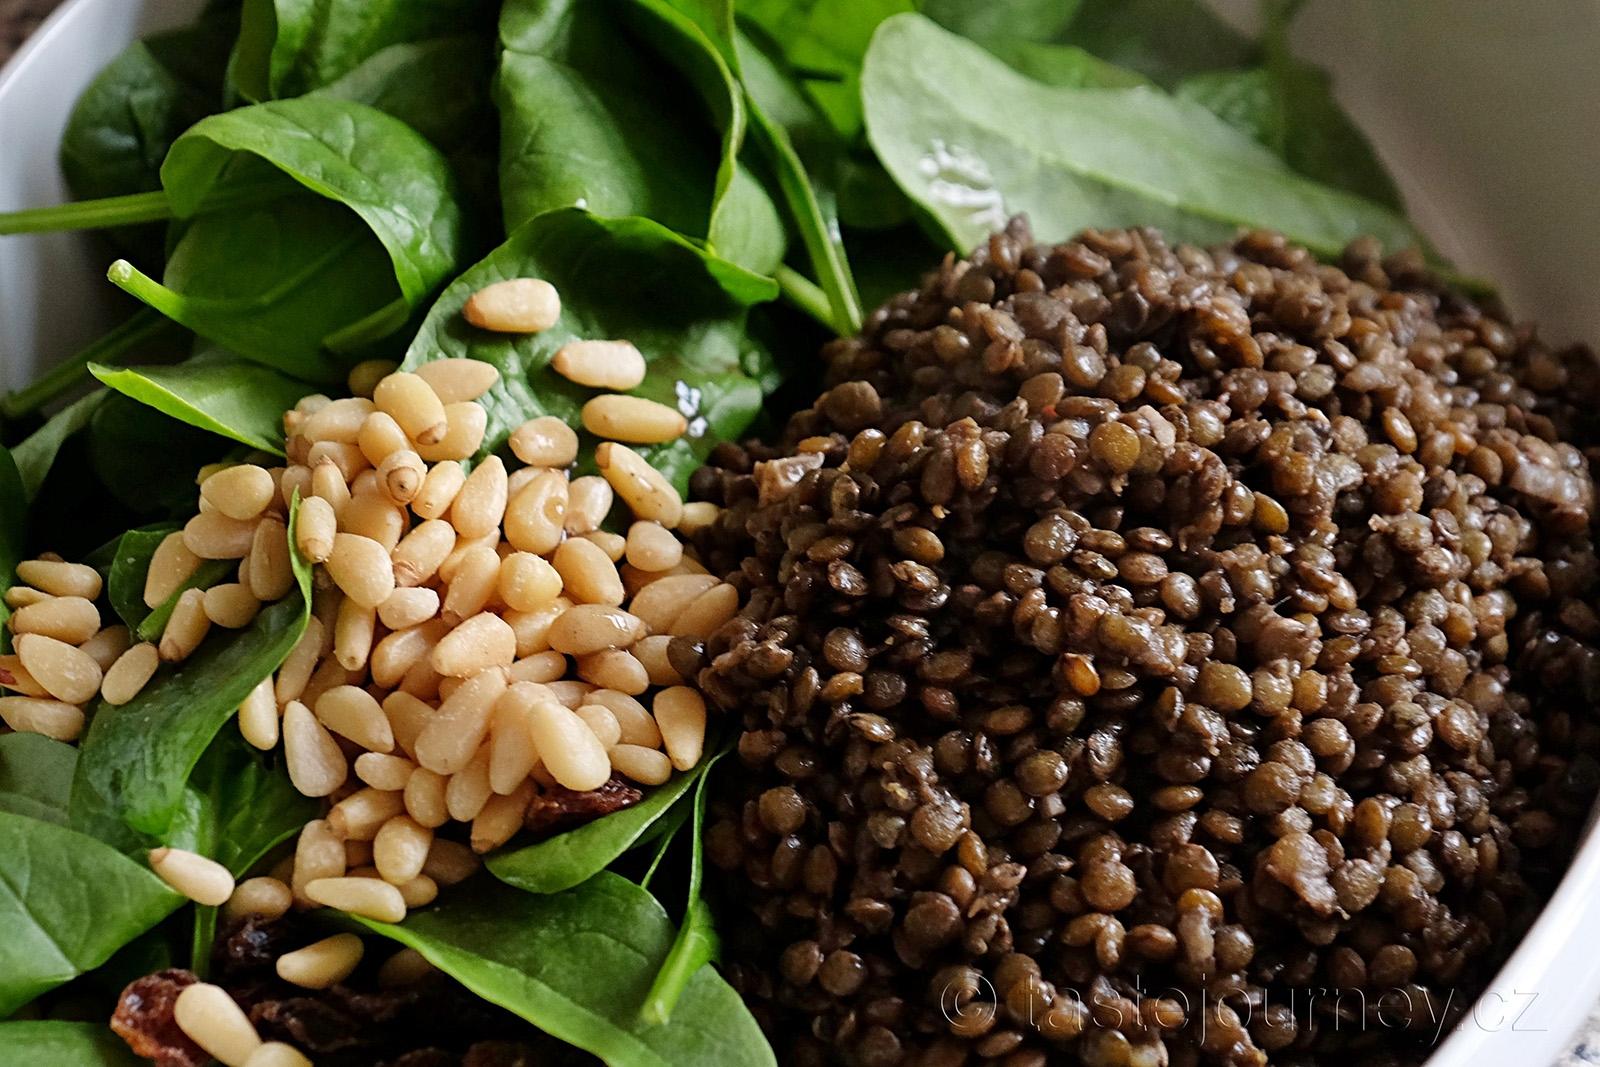 Rozinky, piniové oříšky a špenátové lístky doplní zelenou čočku